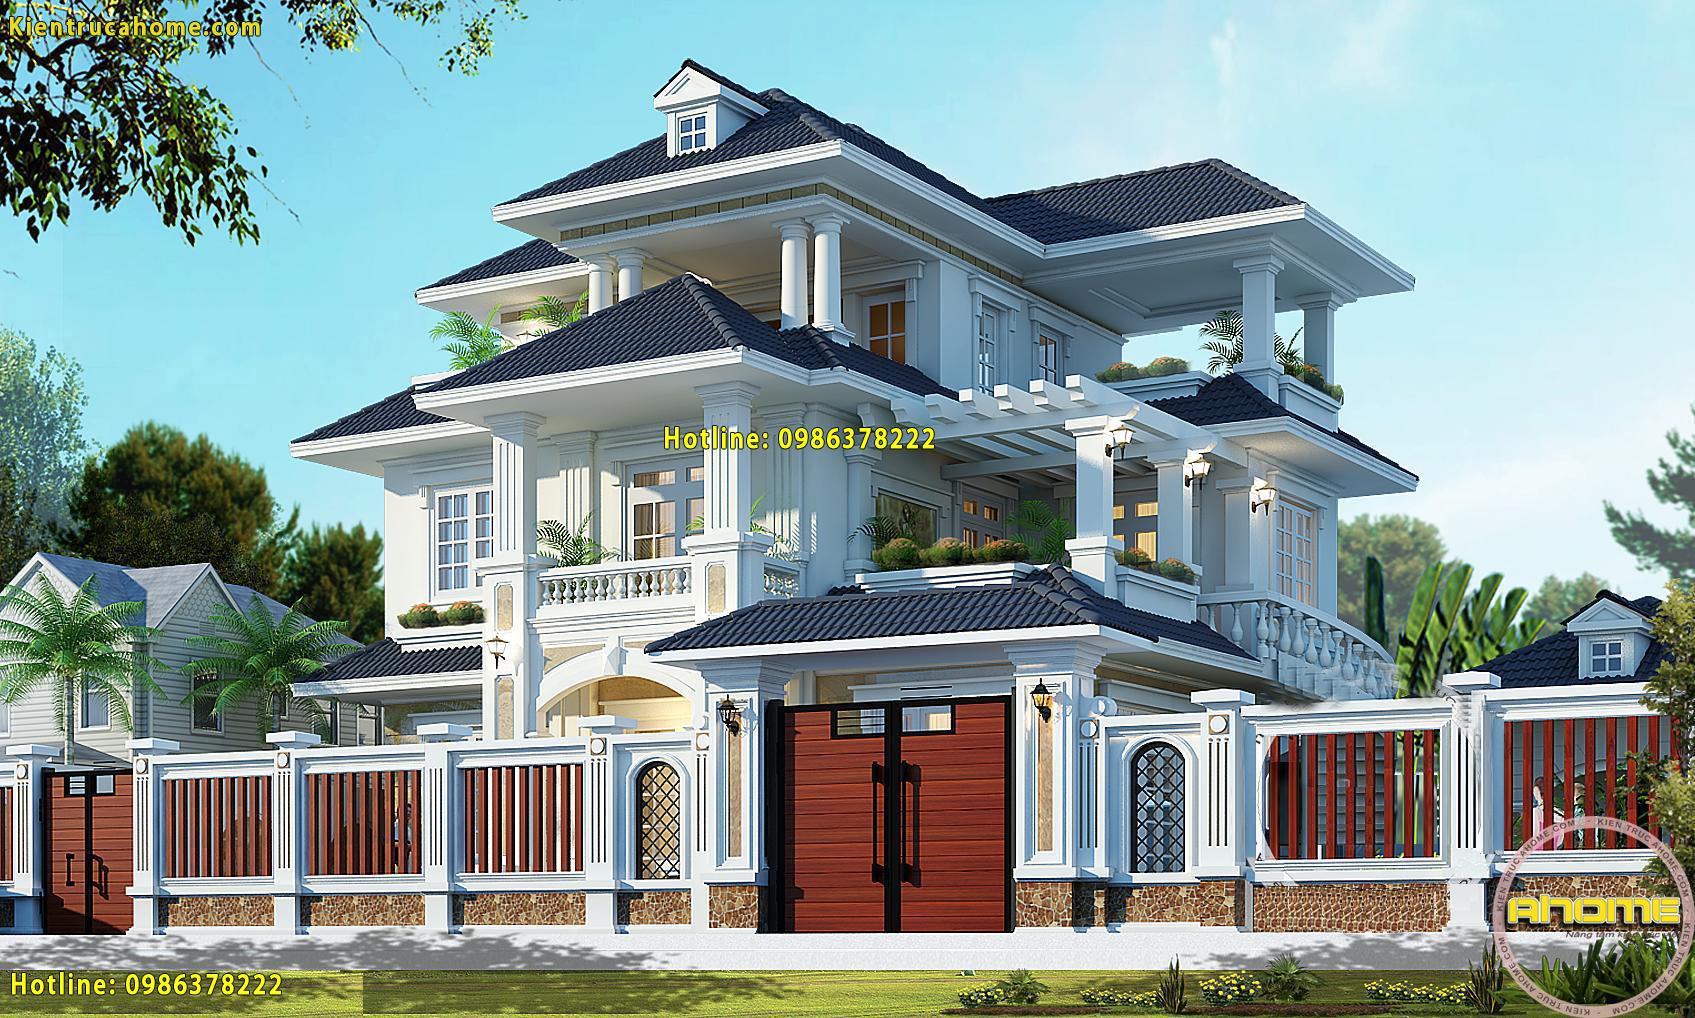 thiết kế kiến trúc biệt thự Tân cổ điển 3 tầng-2